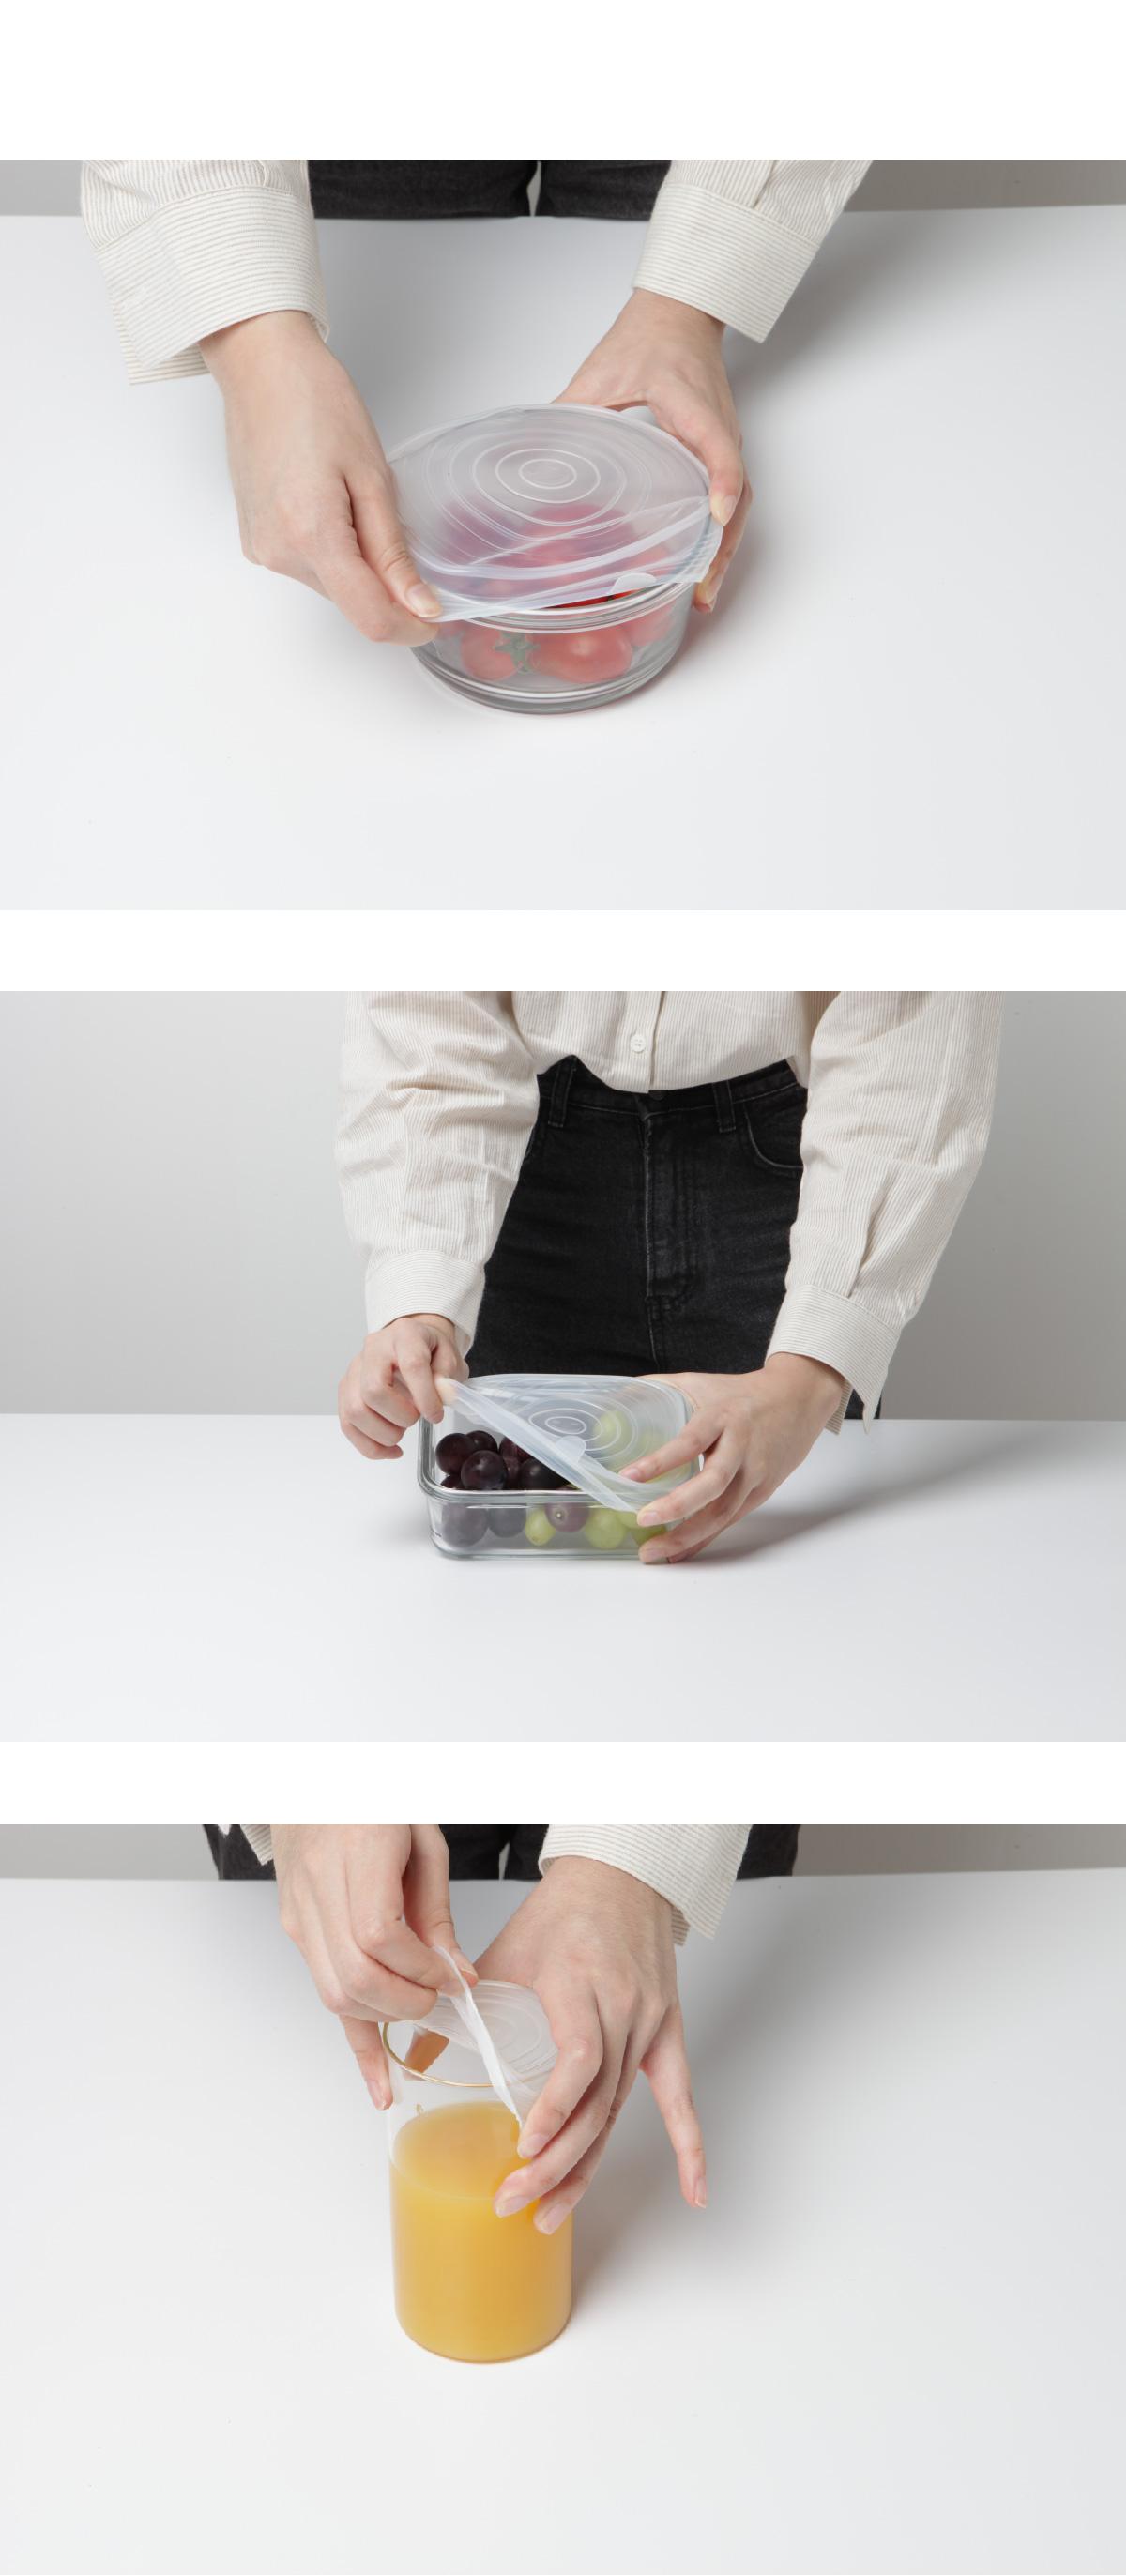 데이리브 주방 만능 실리콘 뚜껑 마개 6p 세트 - 데이리브, 5,800원, 컵받침/뚜껑/홀더, 컵뚜껑